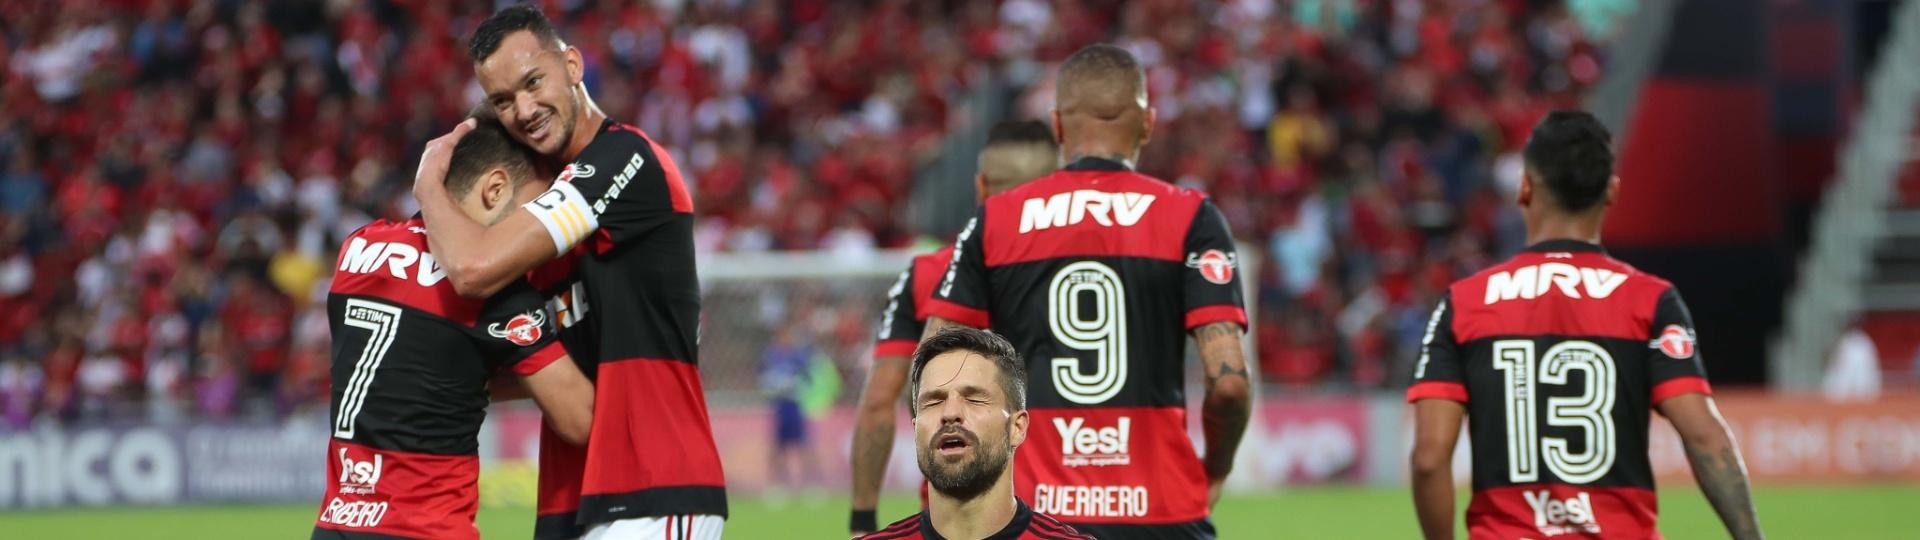 Diego comemora o golaço na vitória sobre o São Paulo. Sucesso junto com Guerrero